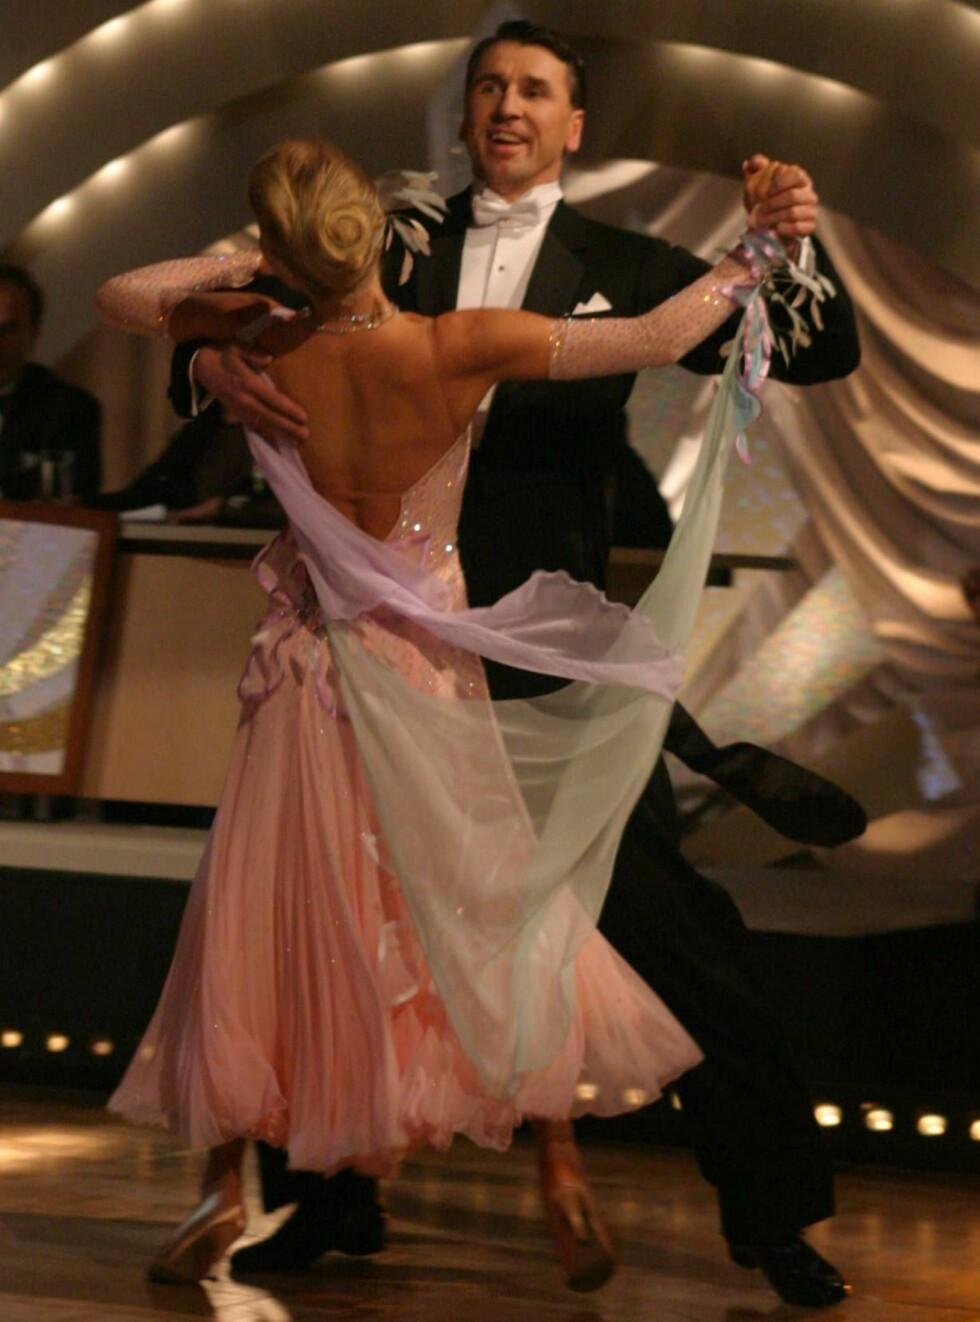 """PÅ DANS: Simen deltok i """"Skal vi danse"""" med Gyda Kathrine Bloch. Paret røyk tidlig ut. Foto: Se og Hør"""